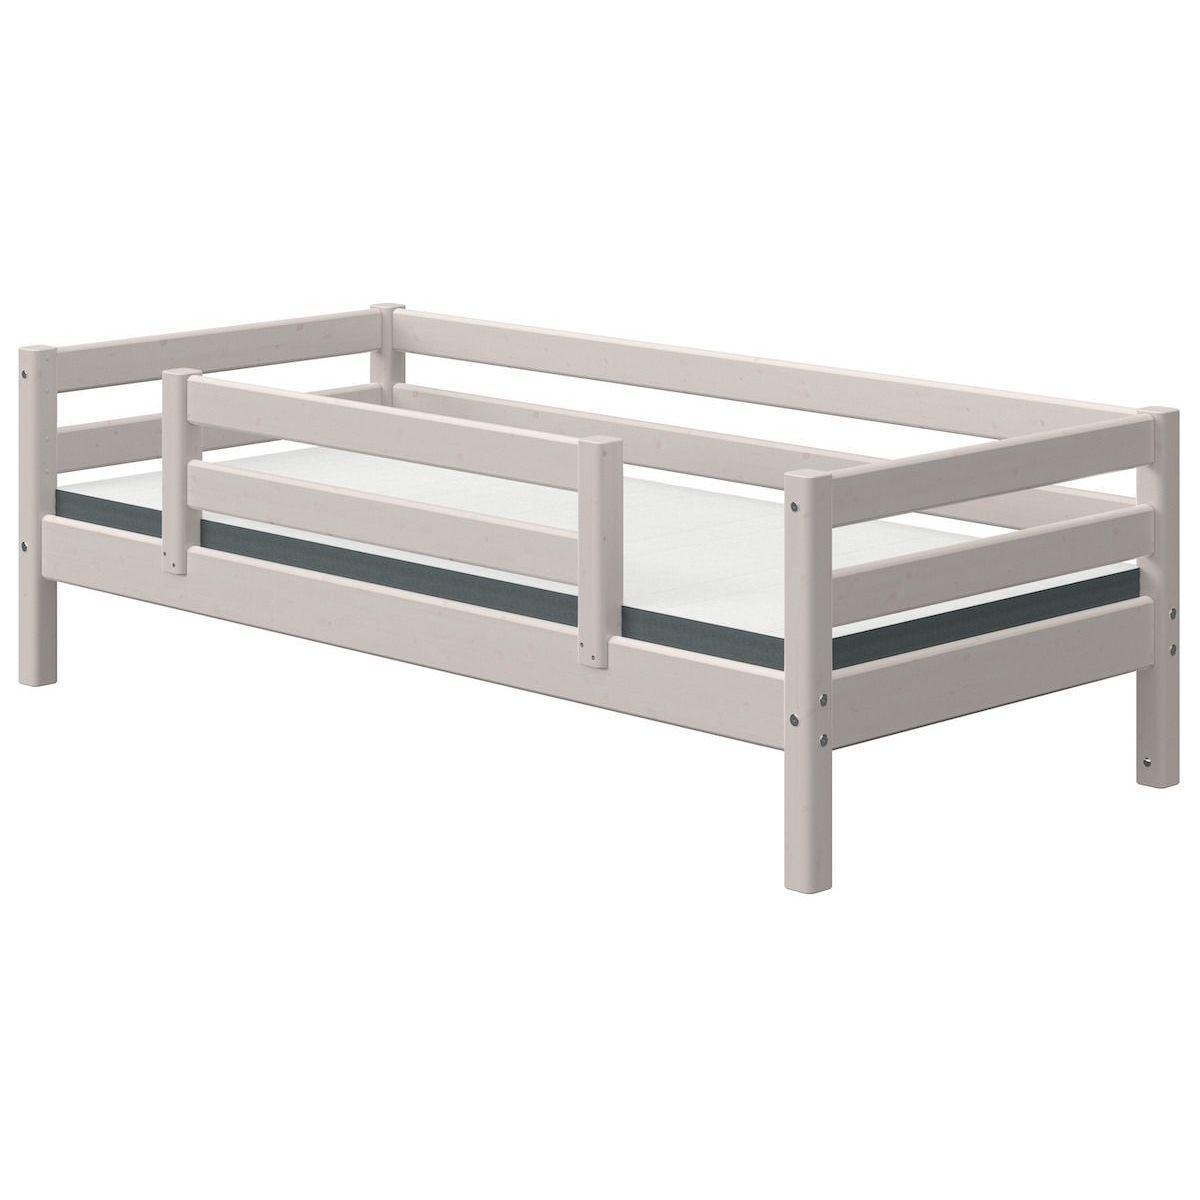 Lit banquette 90x190cm barrière de sécurité centrale CLASSIC Flexa grey washed